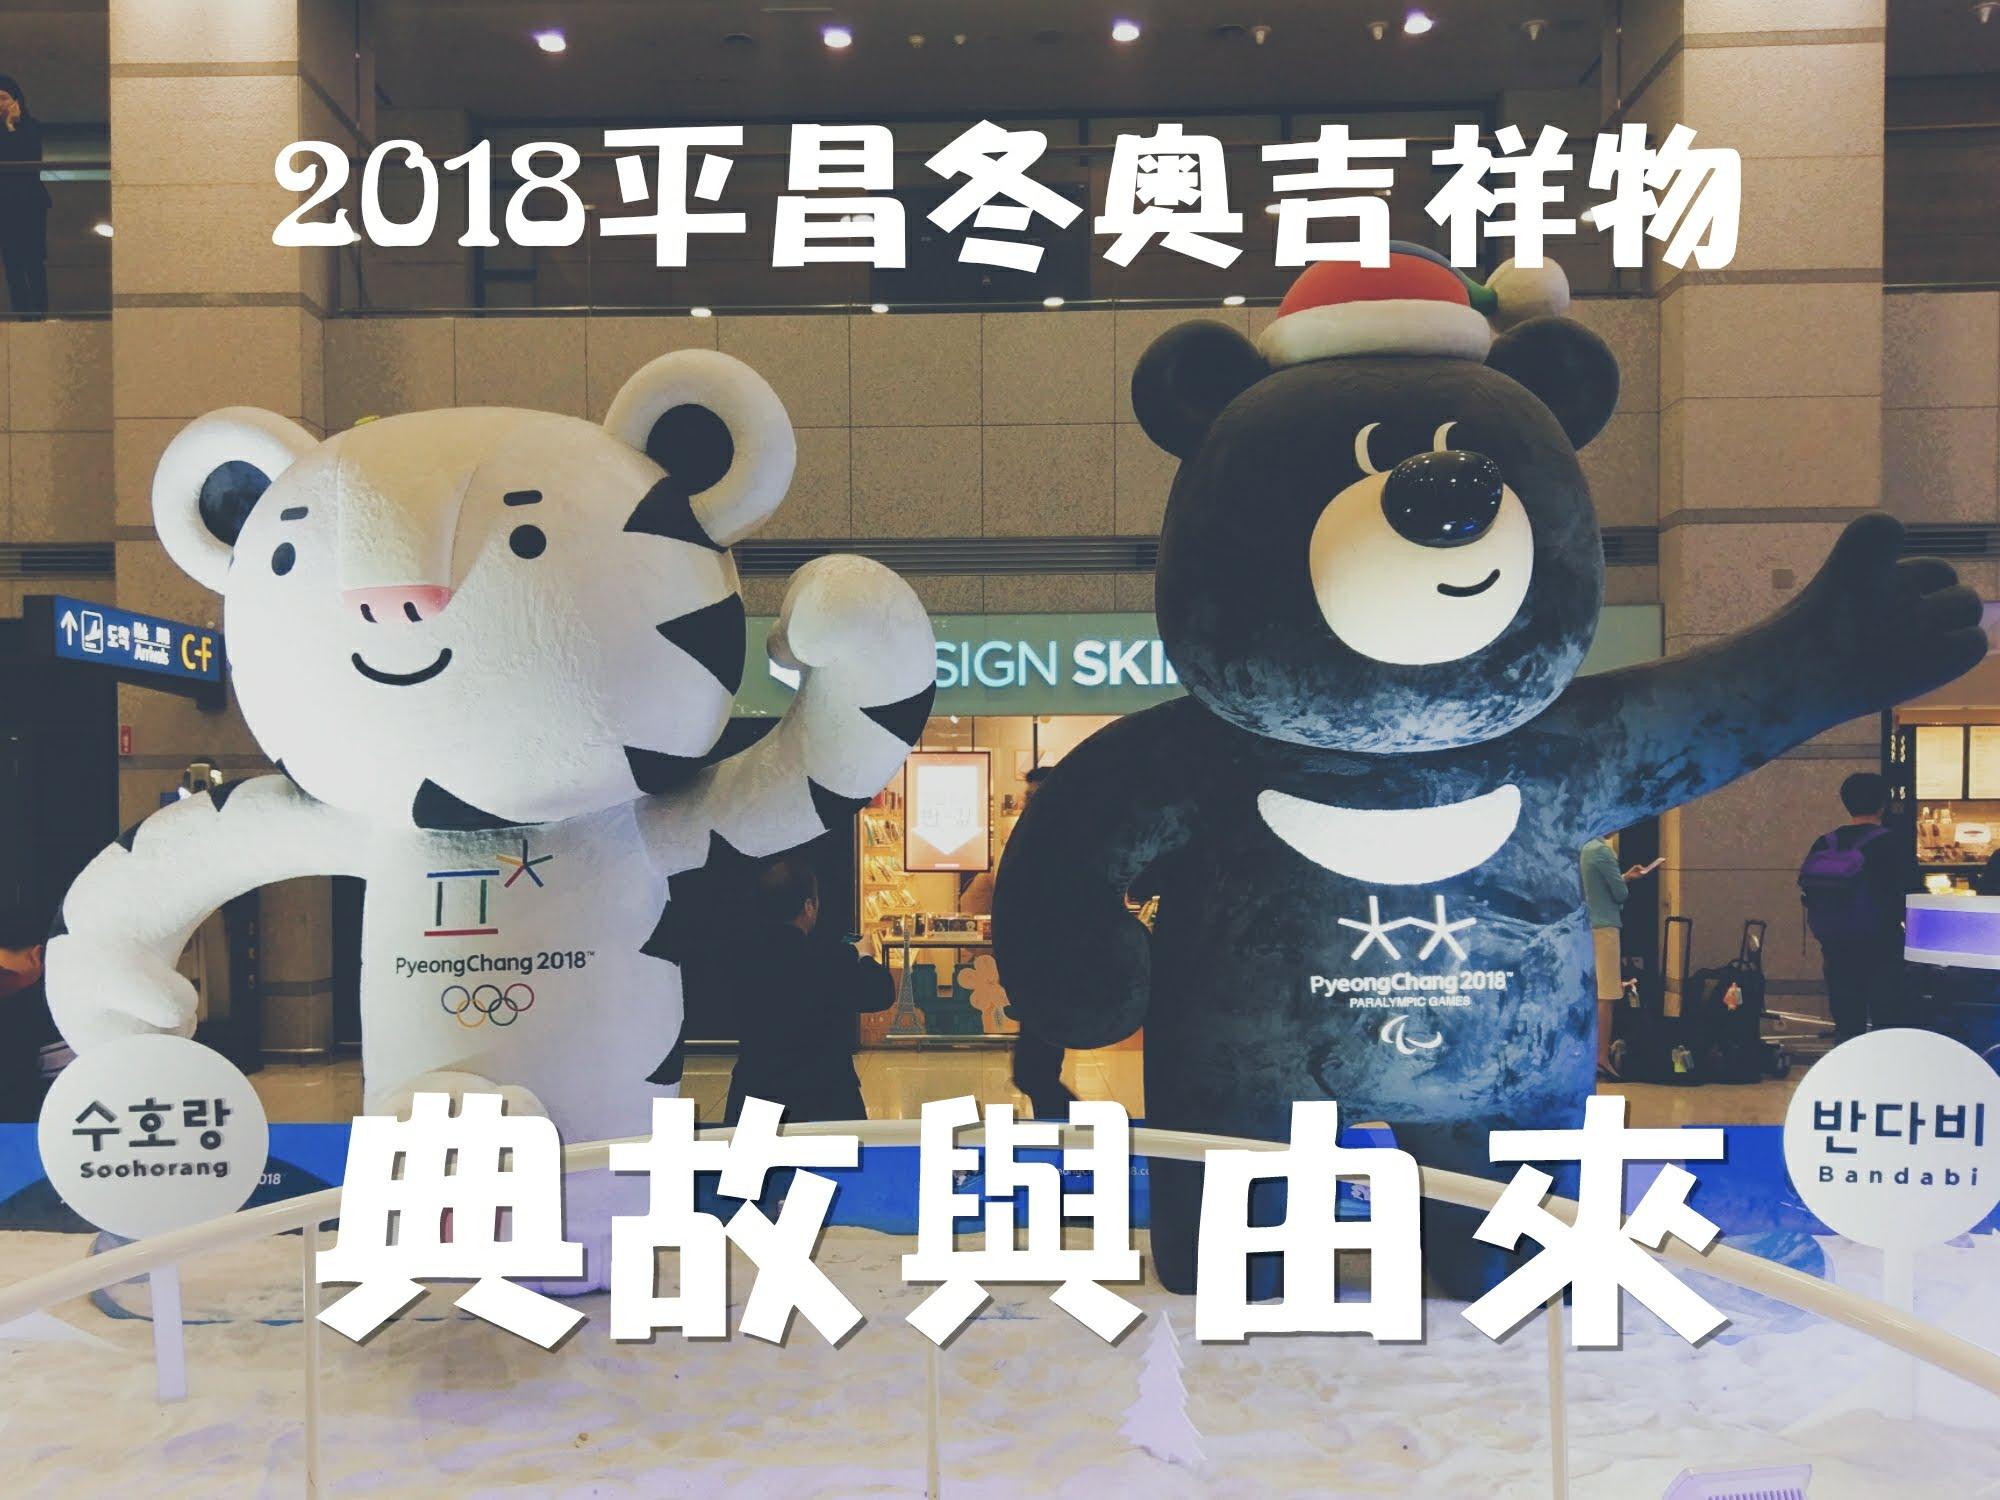 [韓國] 2018年平昌冬季奧運吉祥物與韓國建國神話